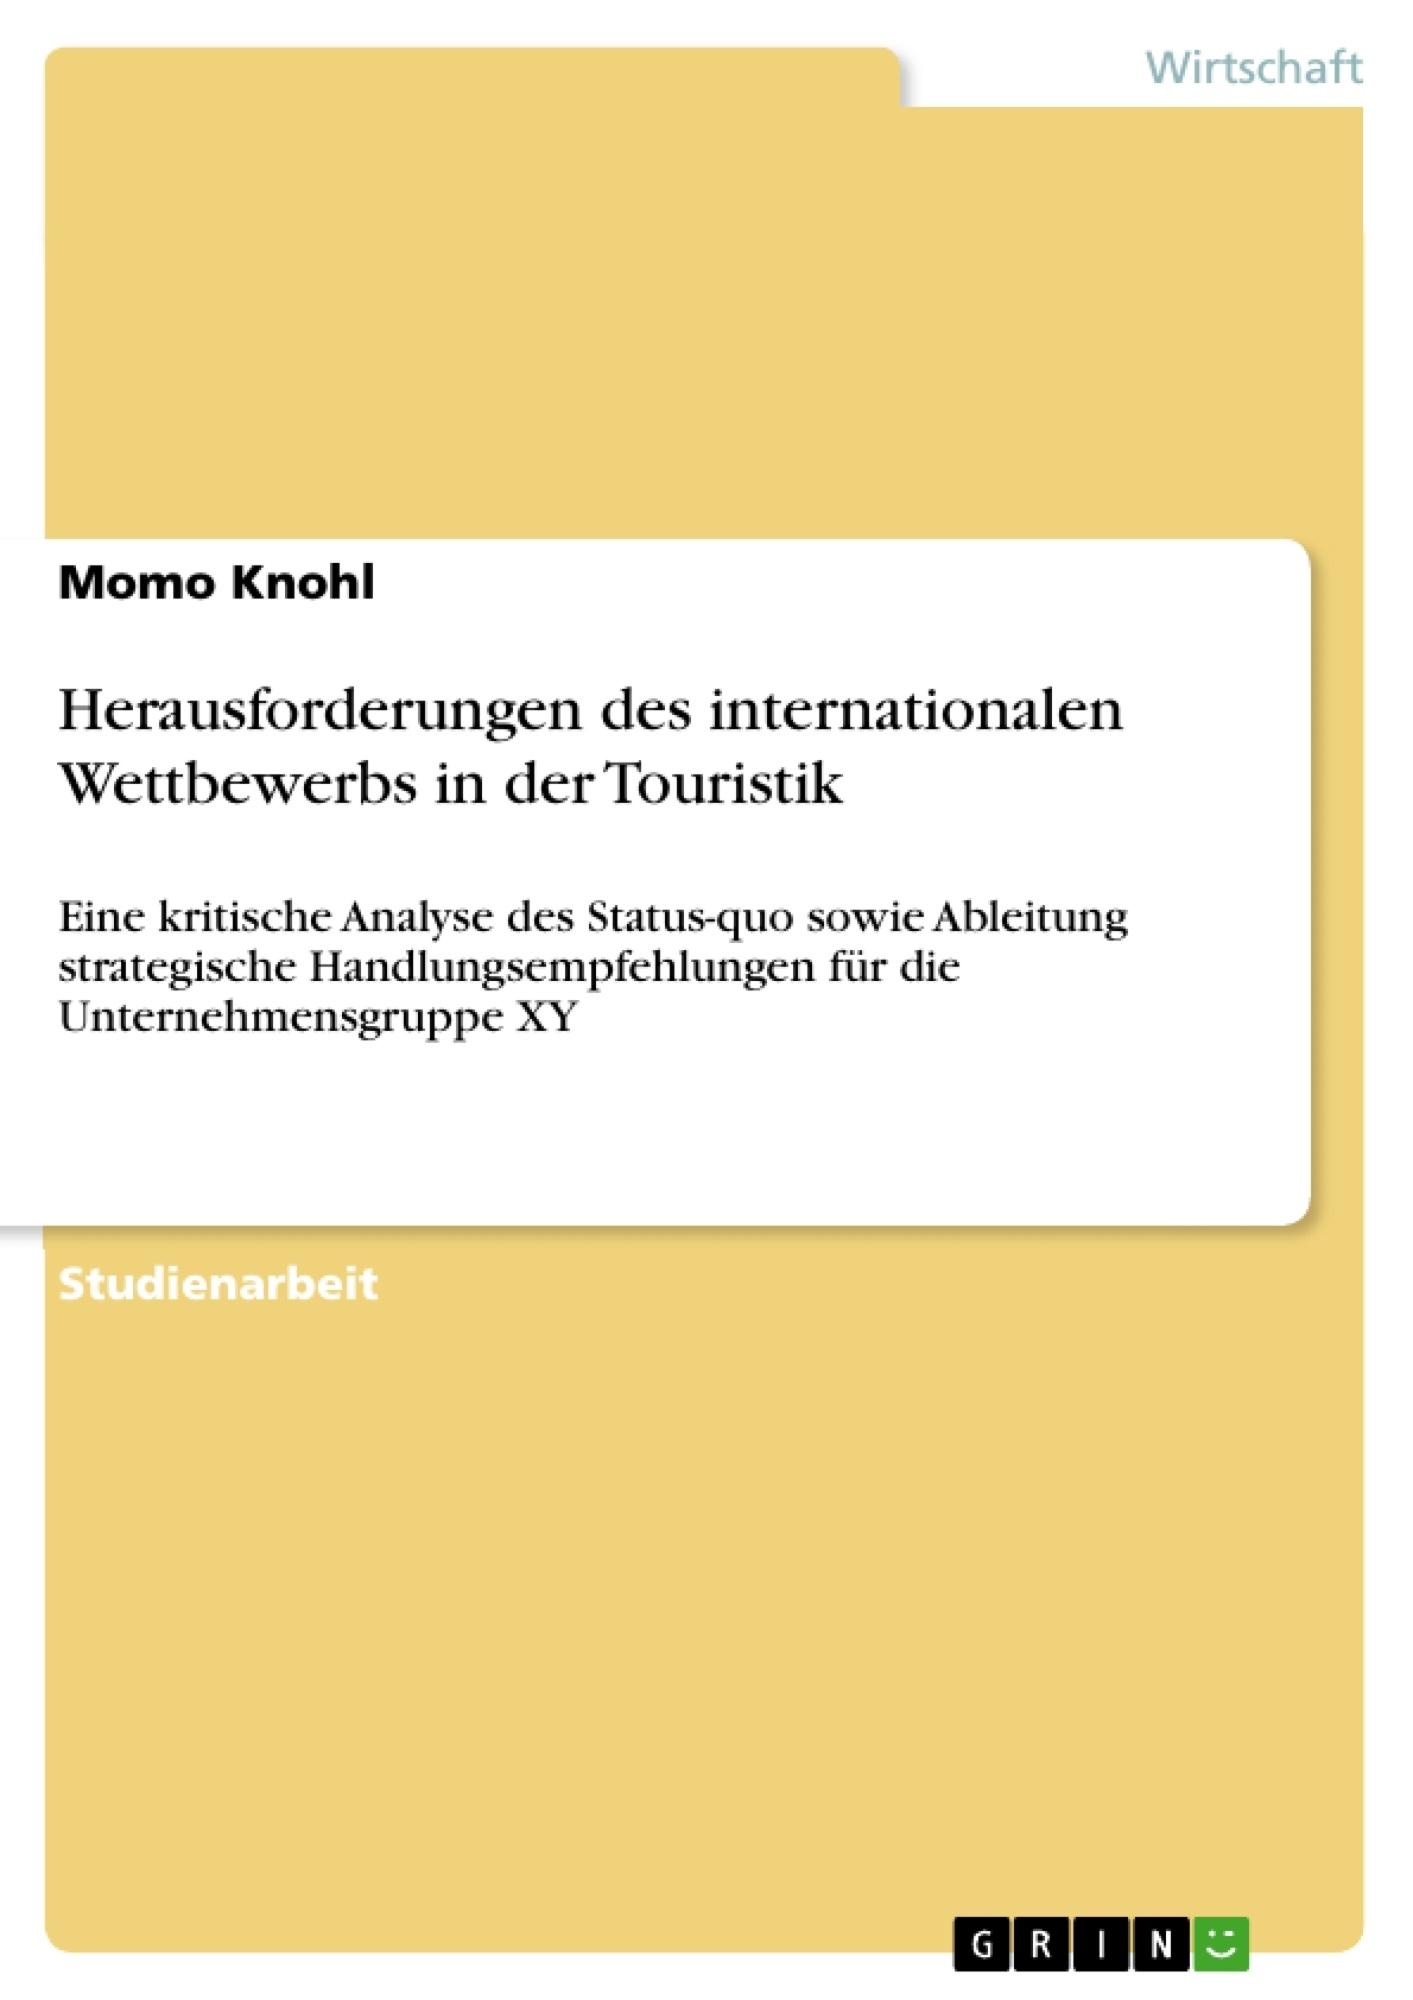 Titel: Herausforderungen des internationalen Wettbewerbs in der Touristik